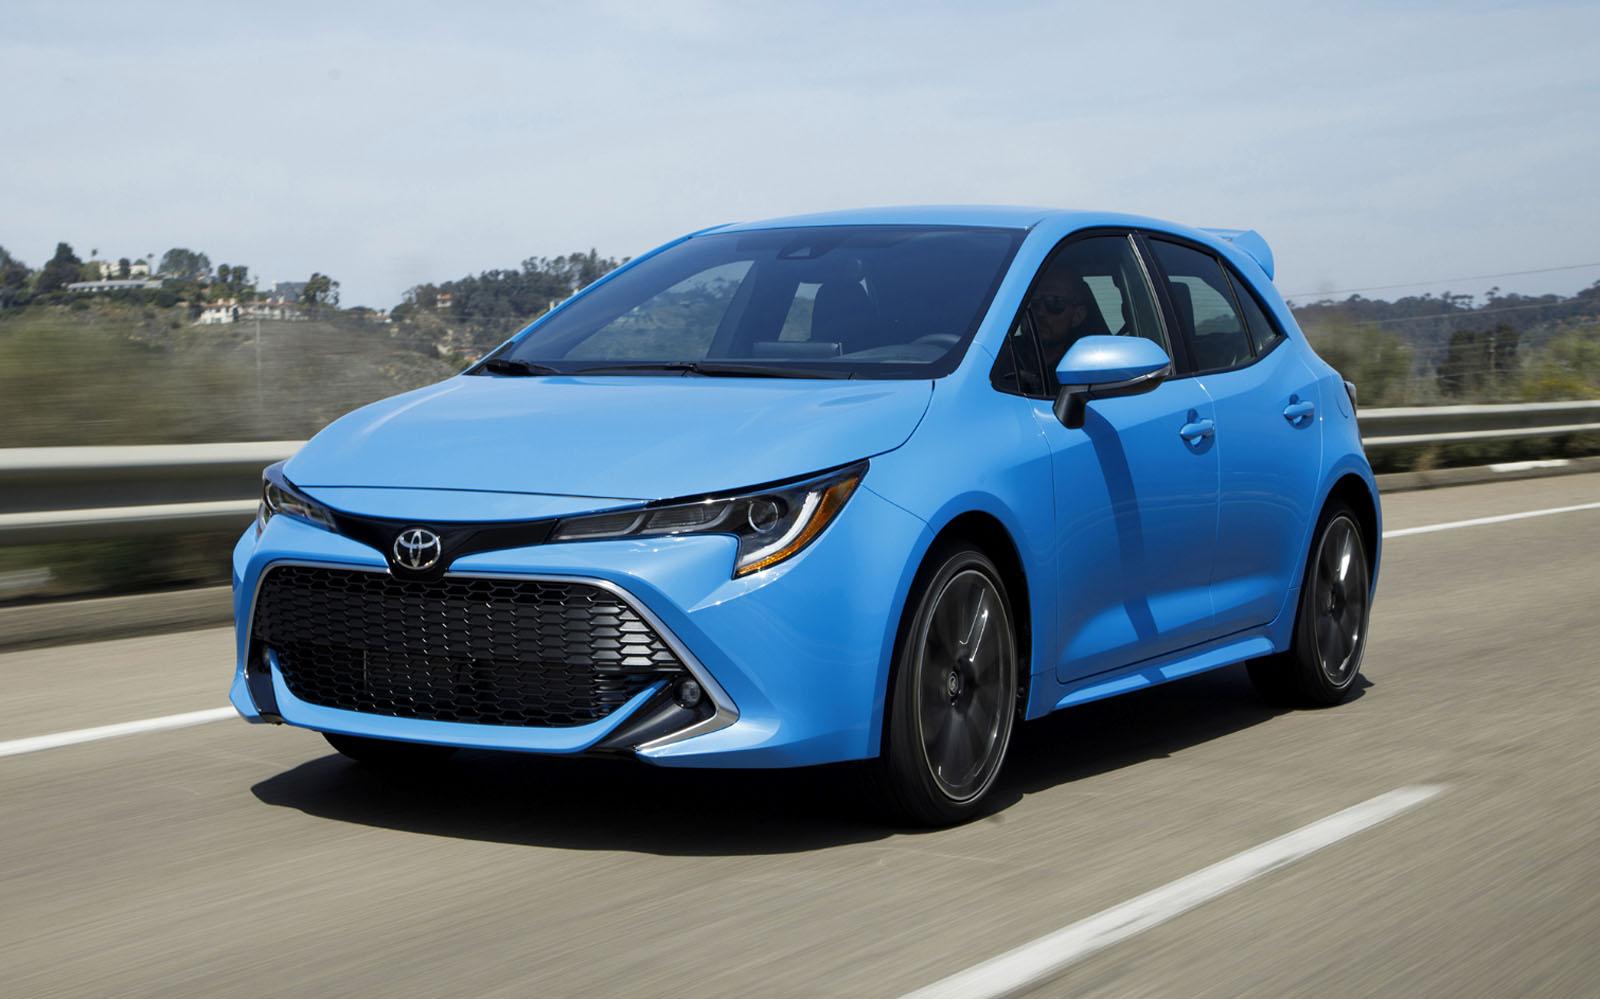 Neuer, alter Name, frischer Look, gehöriges Technik- Update unter dem Blech: Der Corolla darf zurecht wieder selbstbewusst in seine Zukunft schauen.